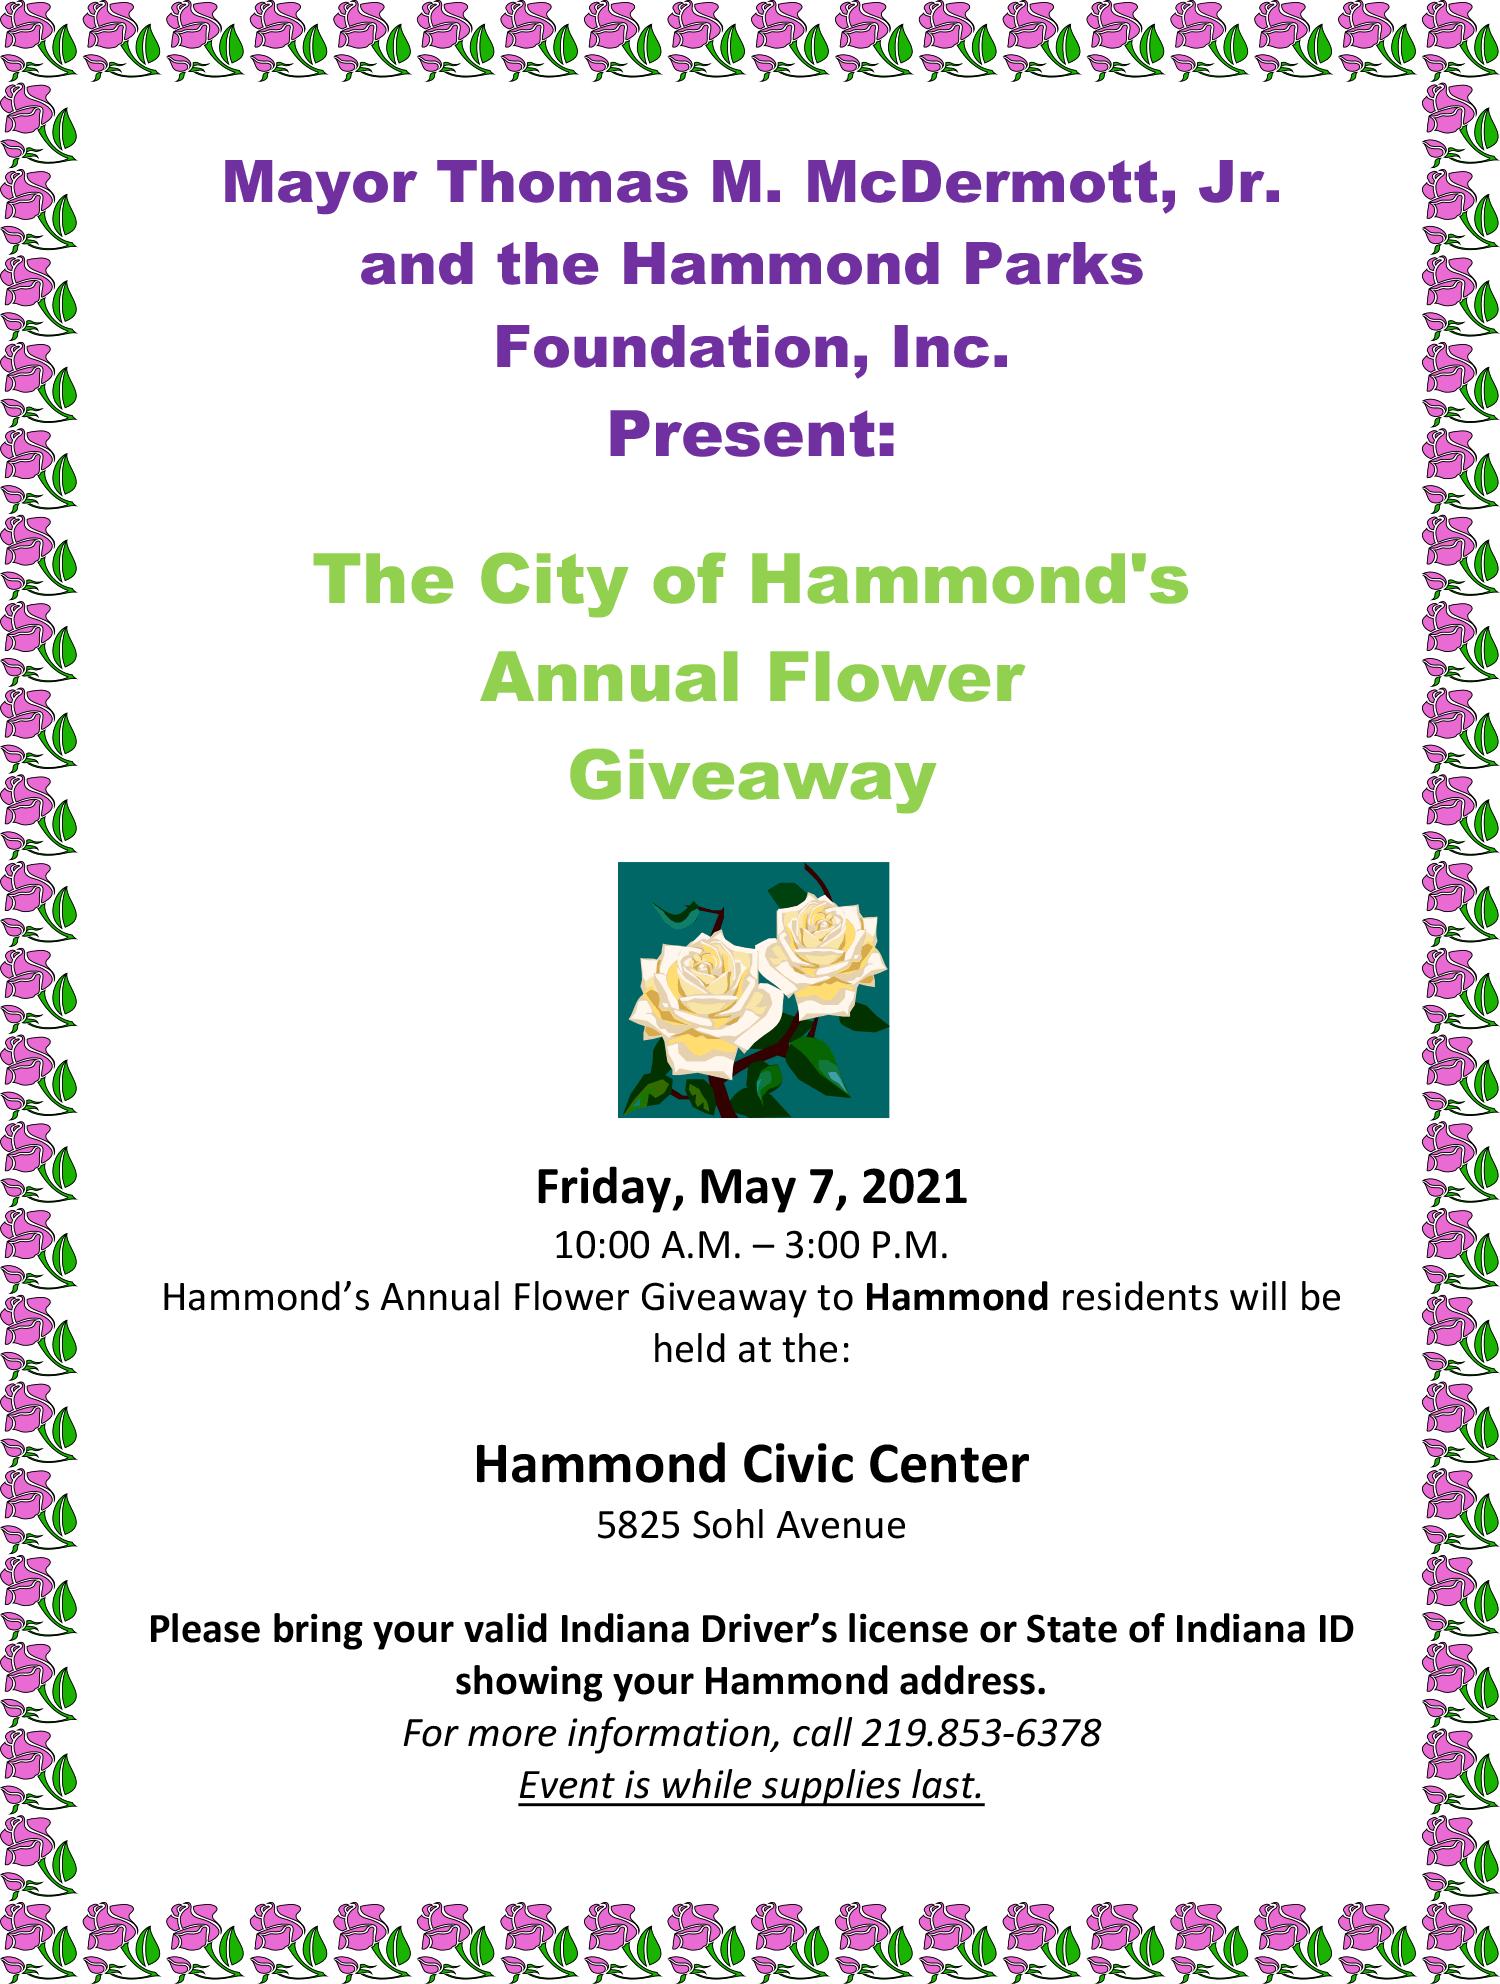 Hammond's 2021 Flower Giveaway